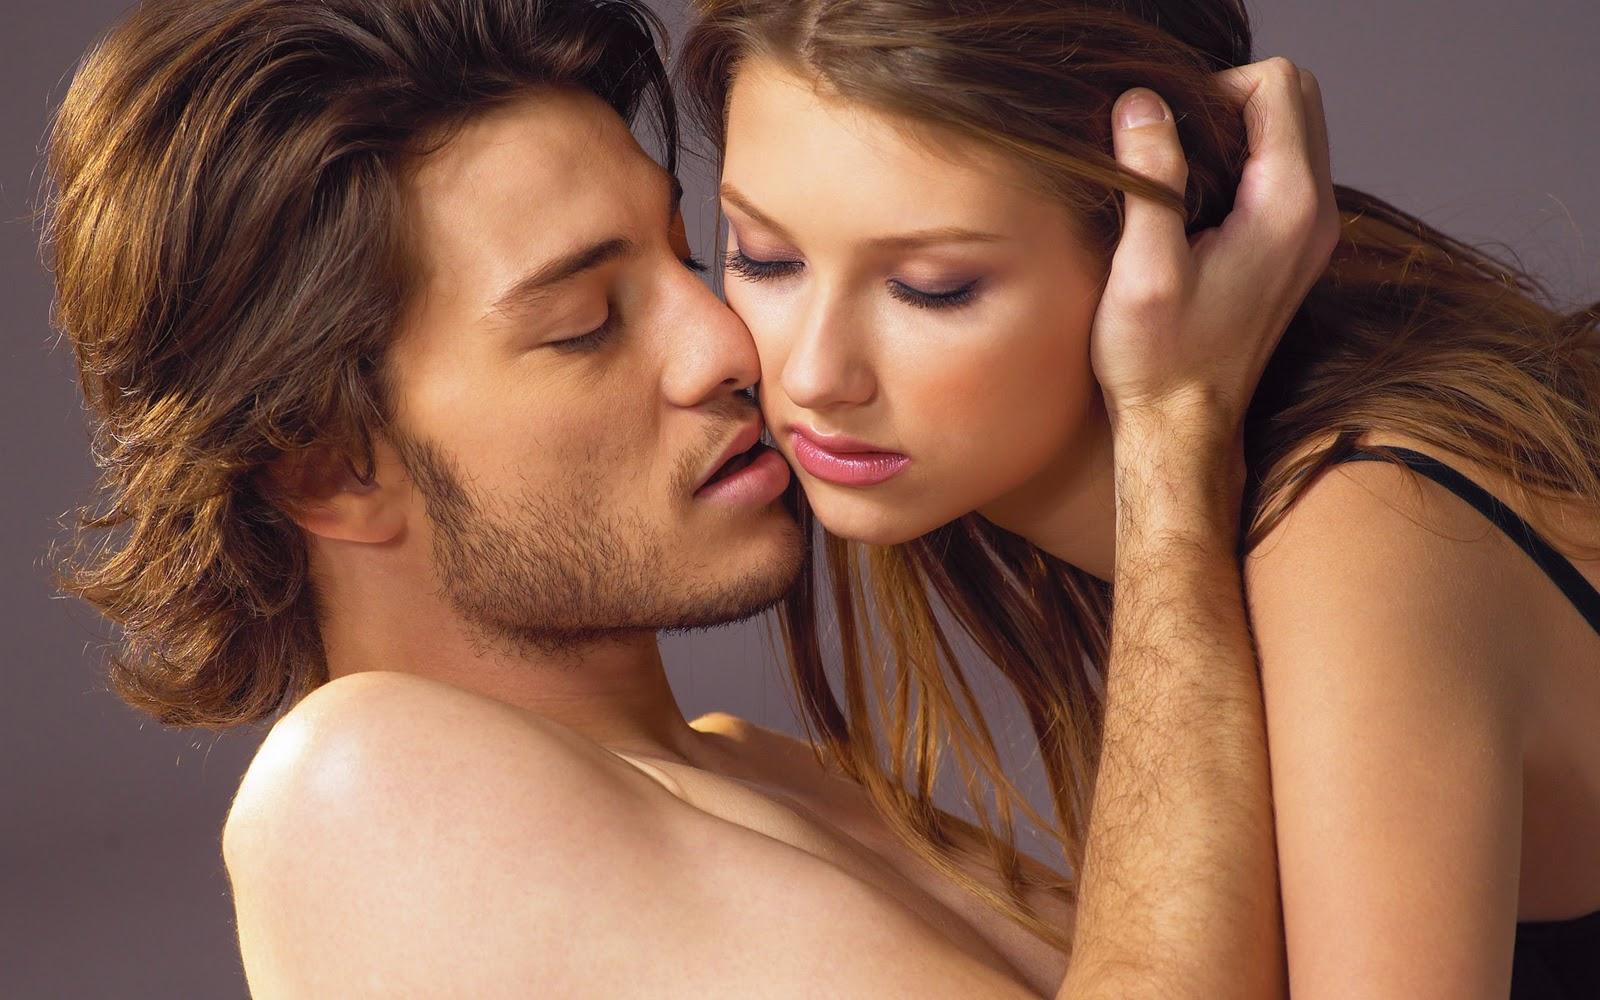 http://1.bp.blogspot.com/-gfltAmzNhxk/Twf25DYd9JI/AAAAAAAACsA/ad5QE2OIs74/s1600/Couples_20.jpg